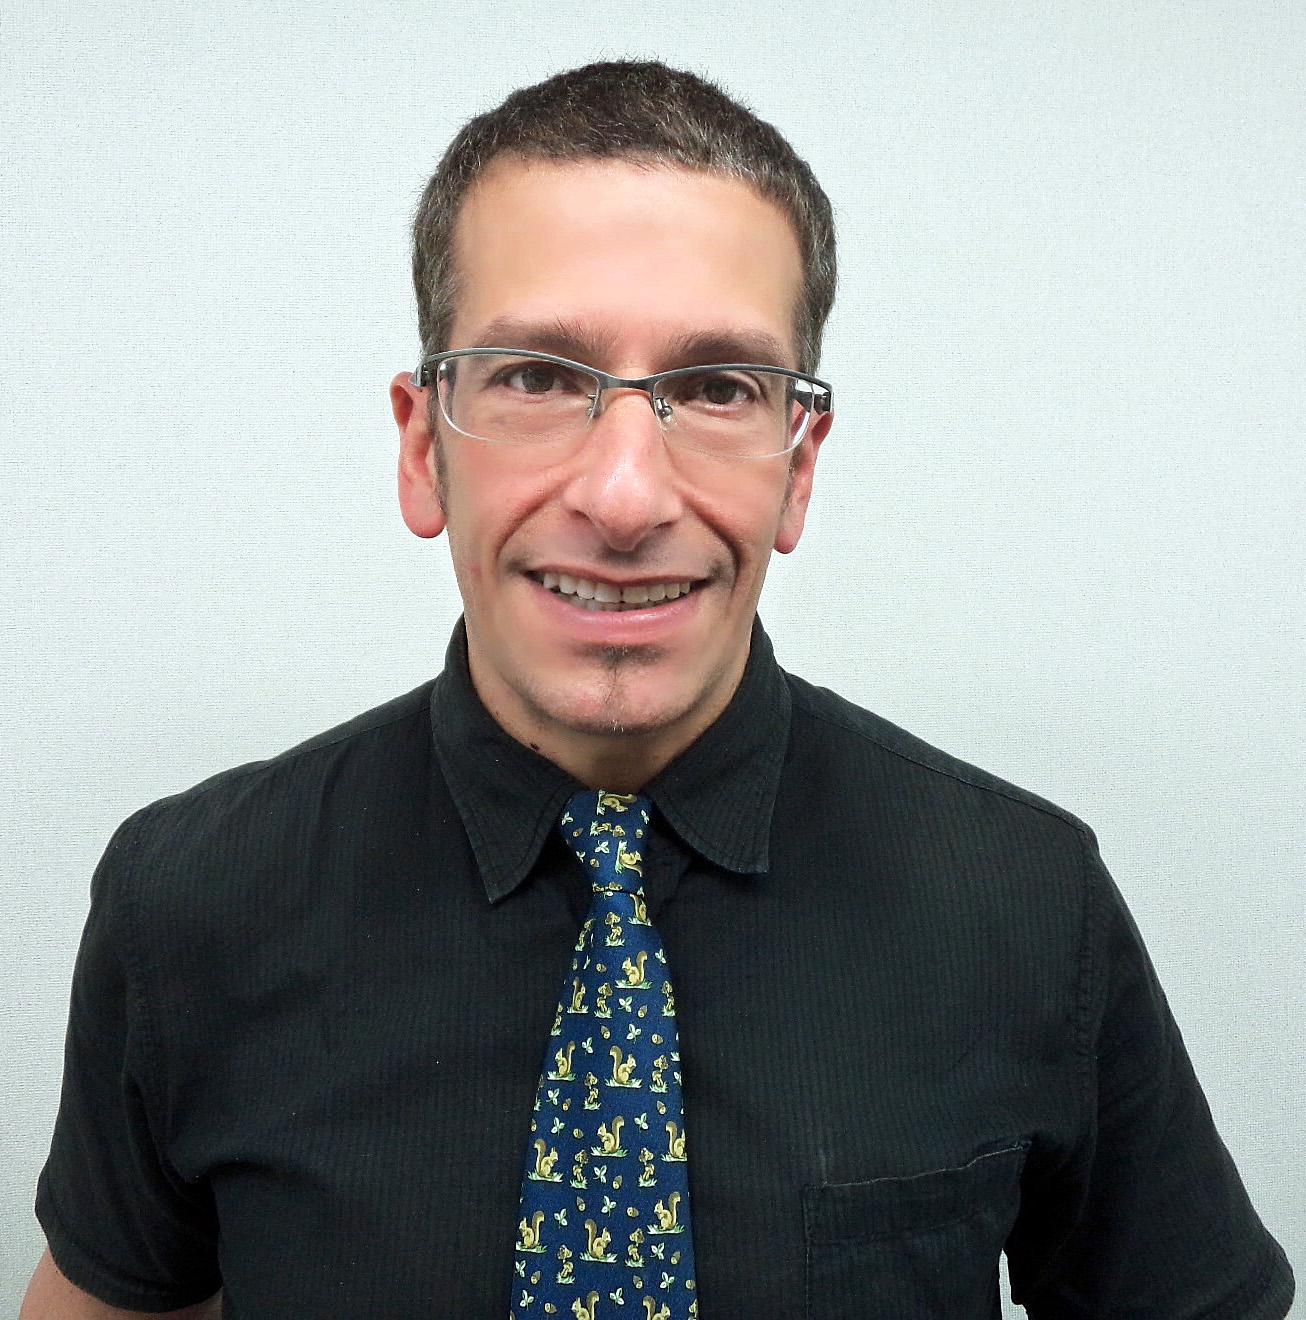 Daniel J. Borash